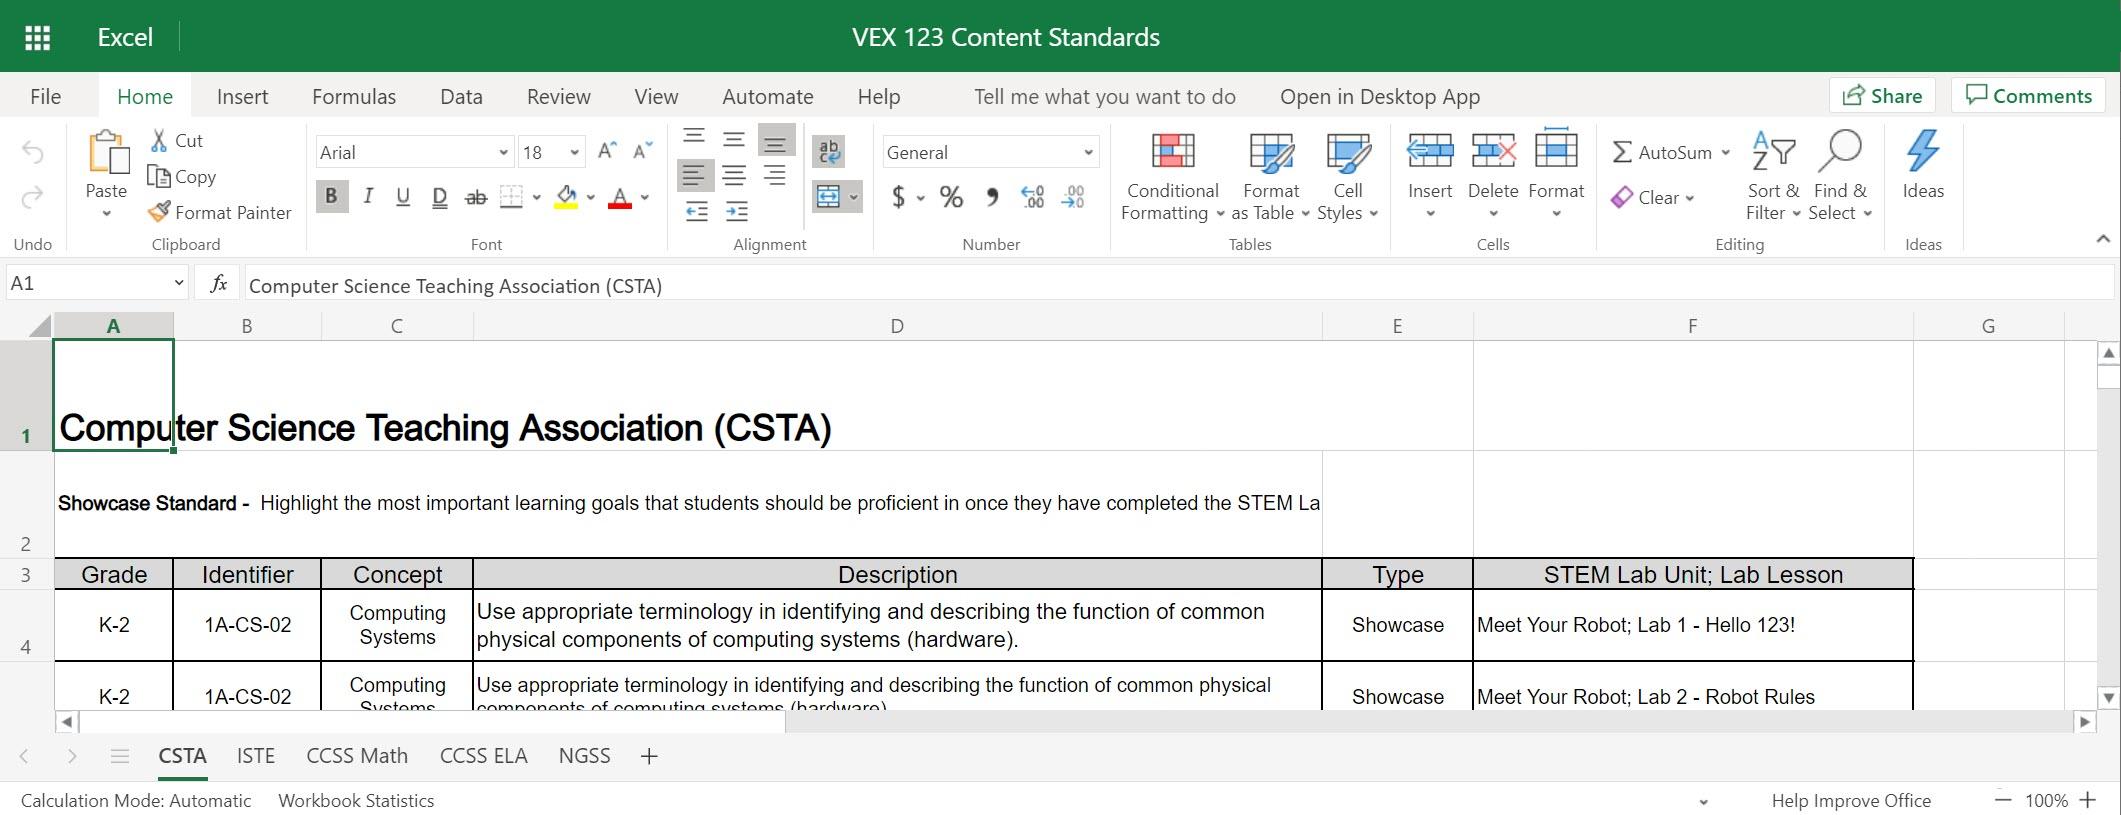 Content__standards_xlsx.jpg